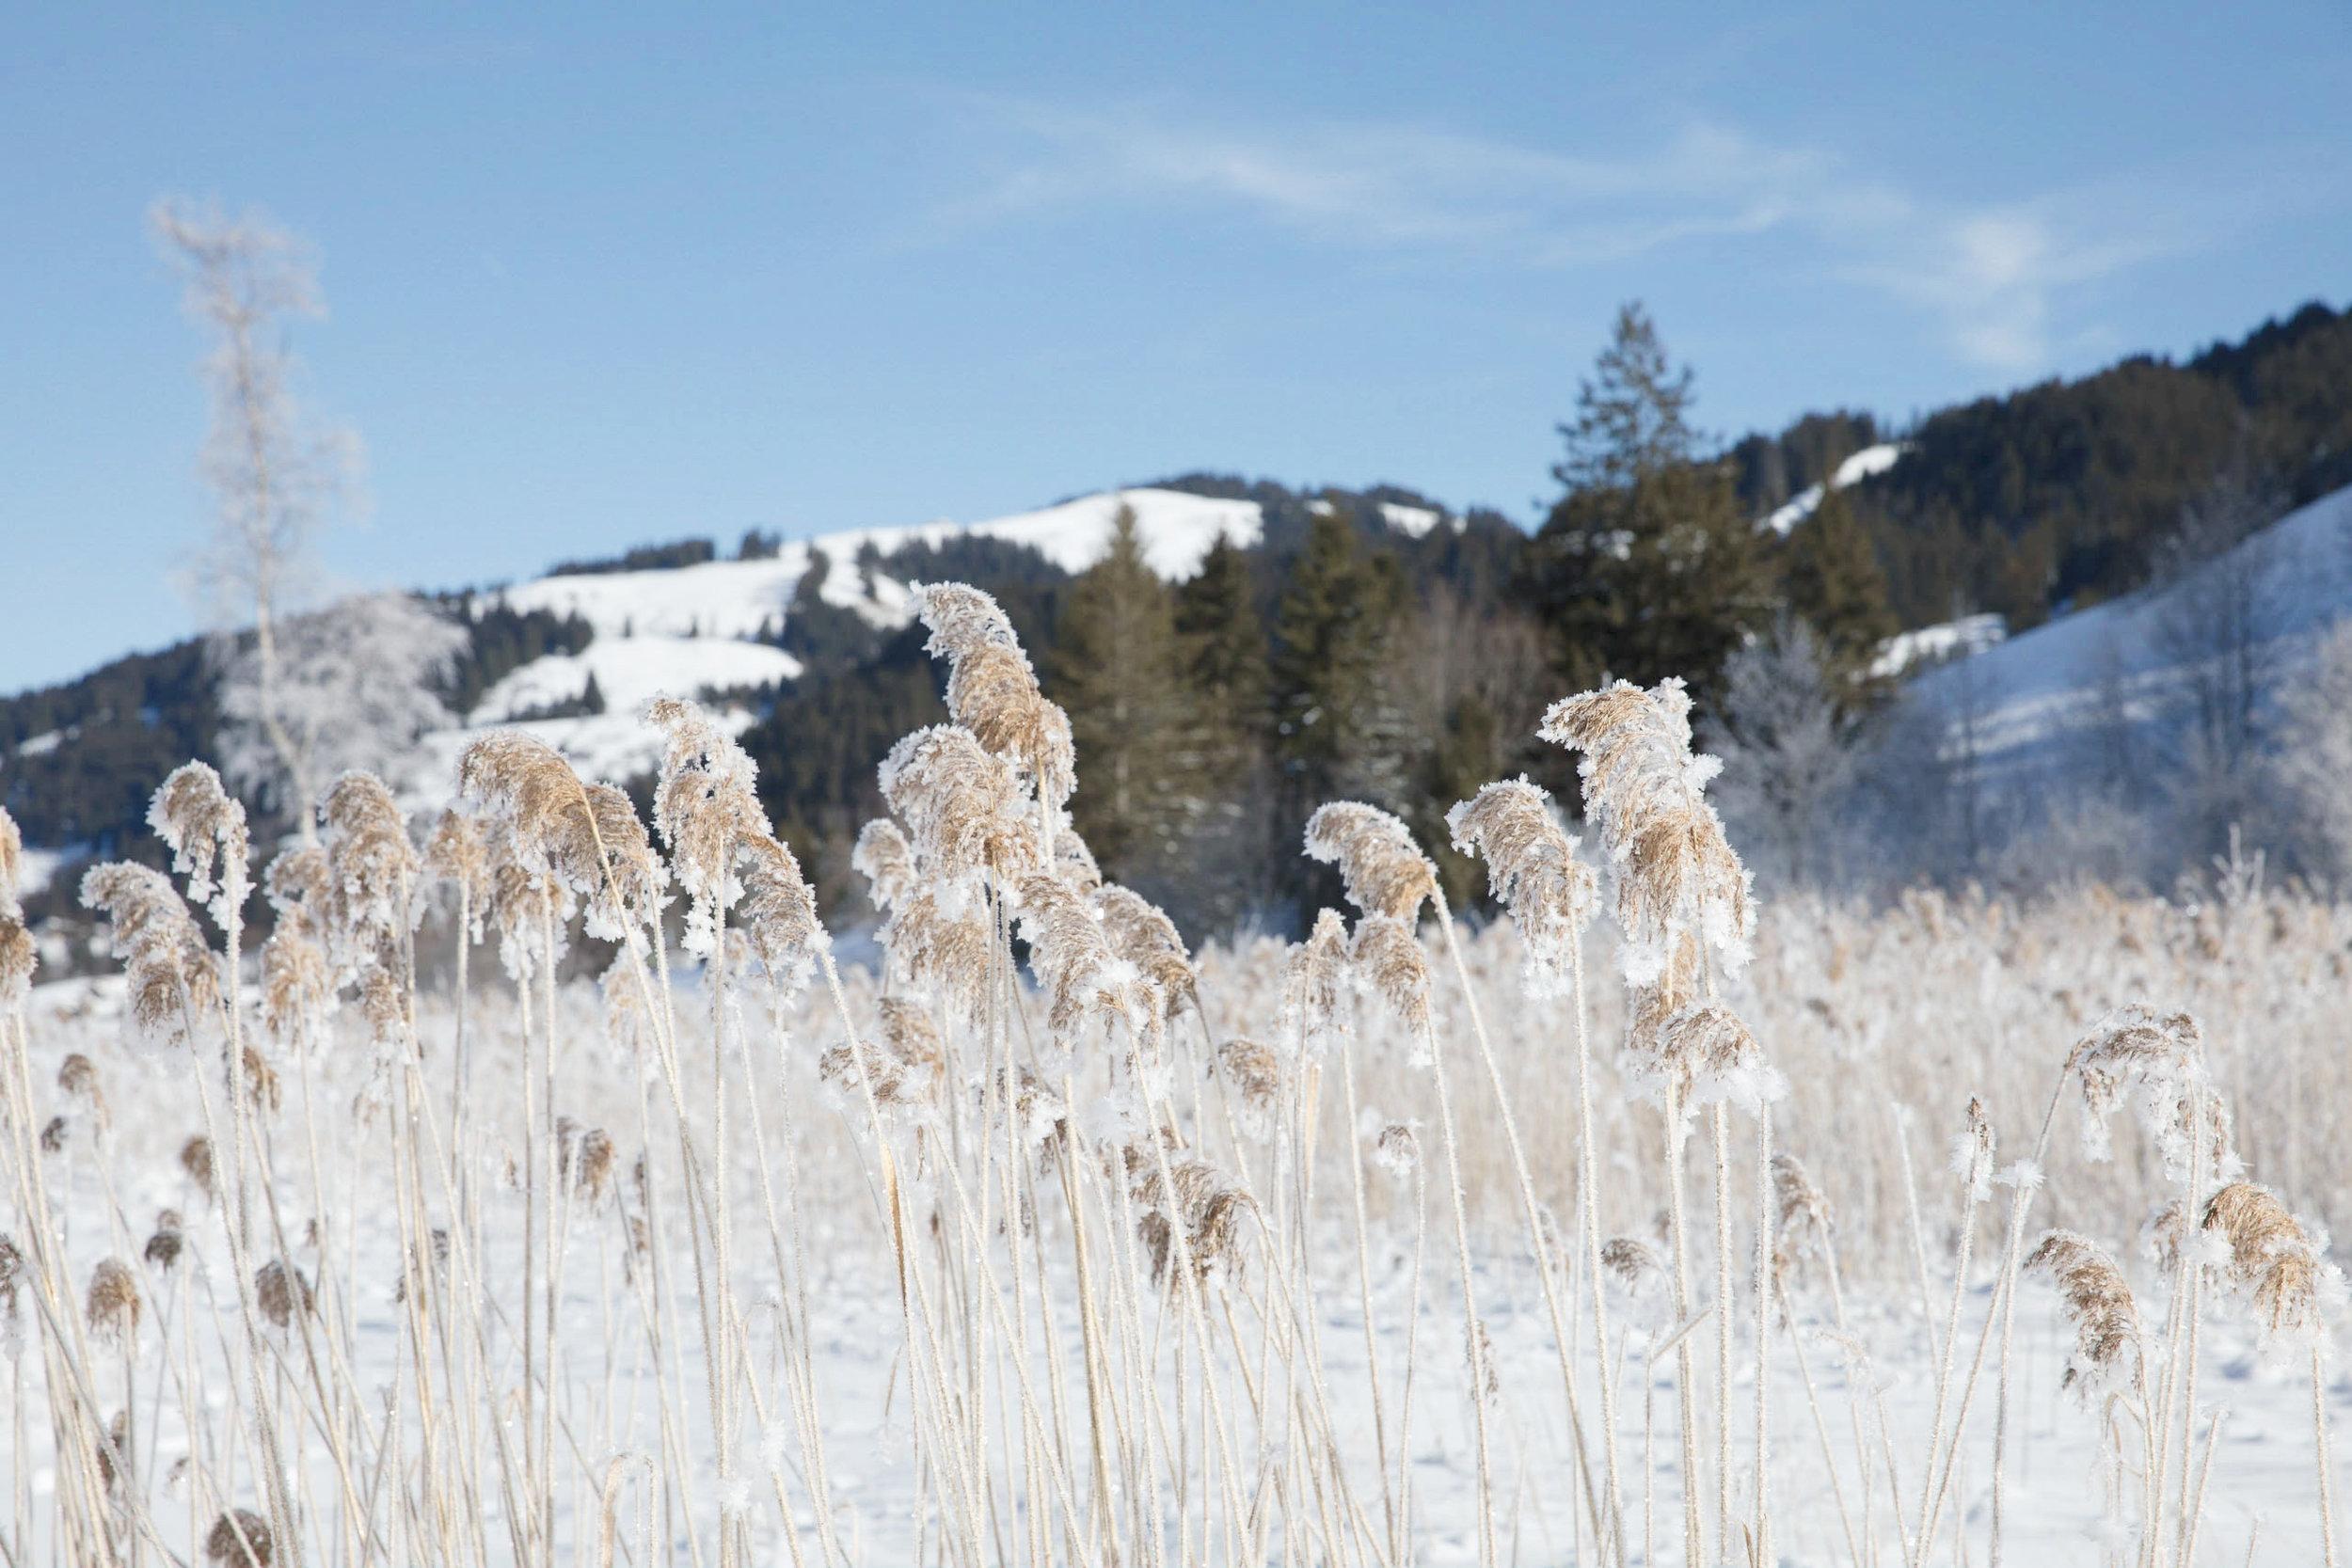 schwarzsee-frozen-lake-winter-something-swiss-switzerland.jpg